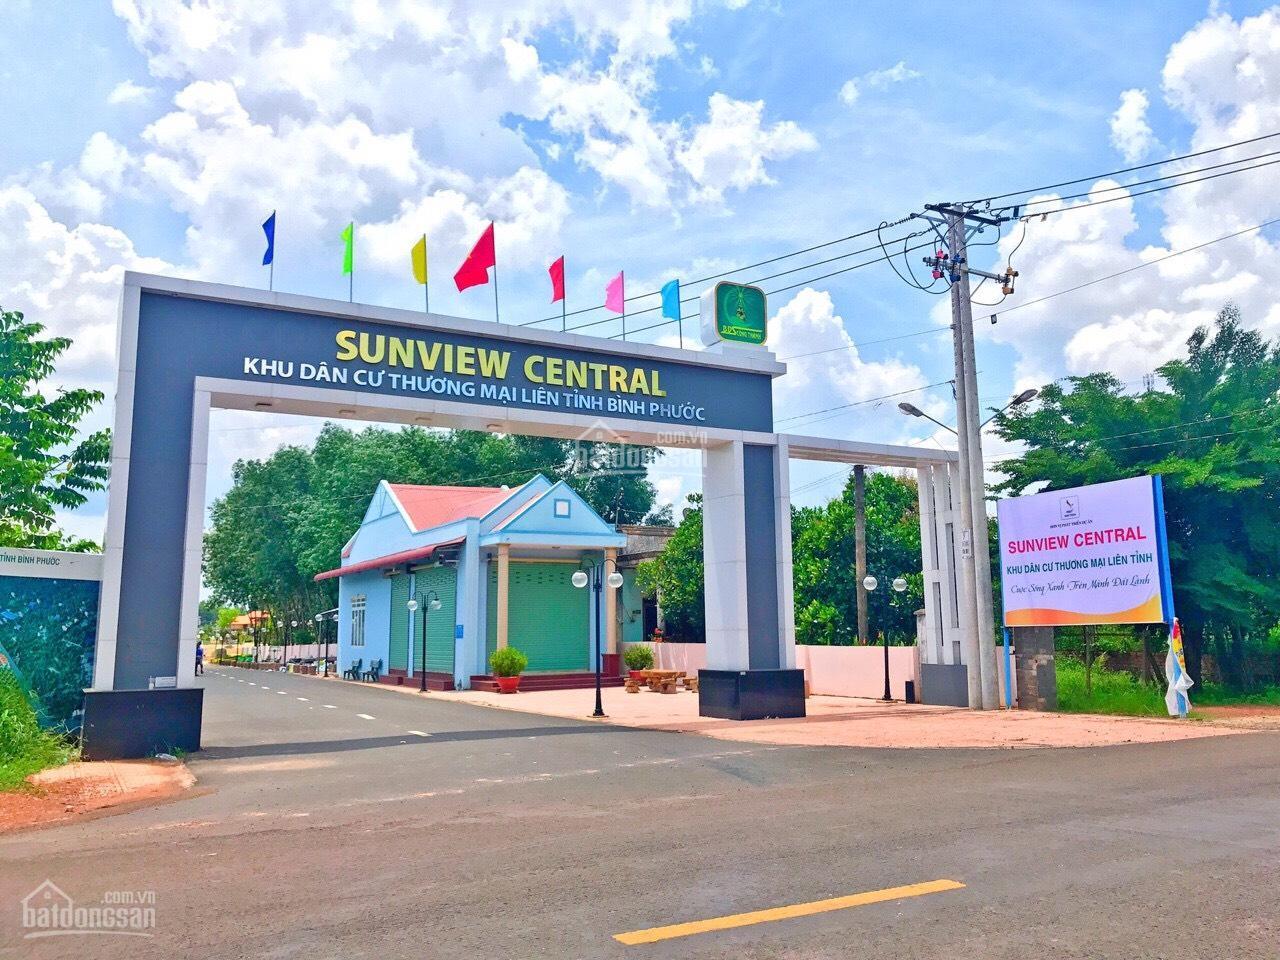 Tiến độ xây dựng khu dân cư Sunview Central Bình Phước